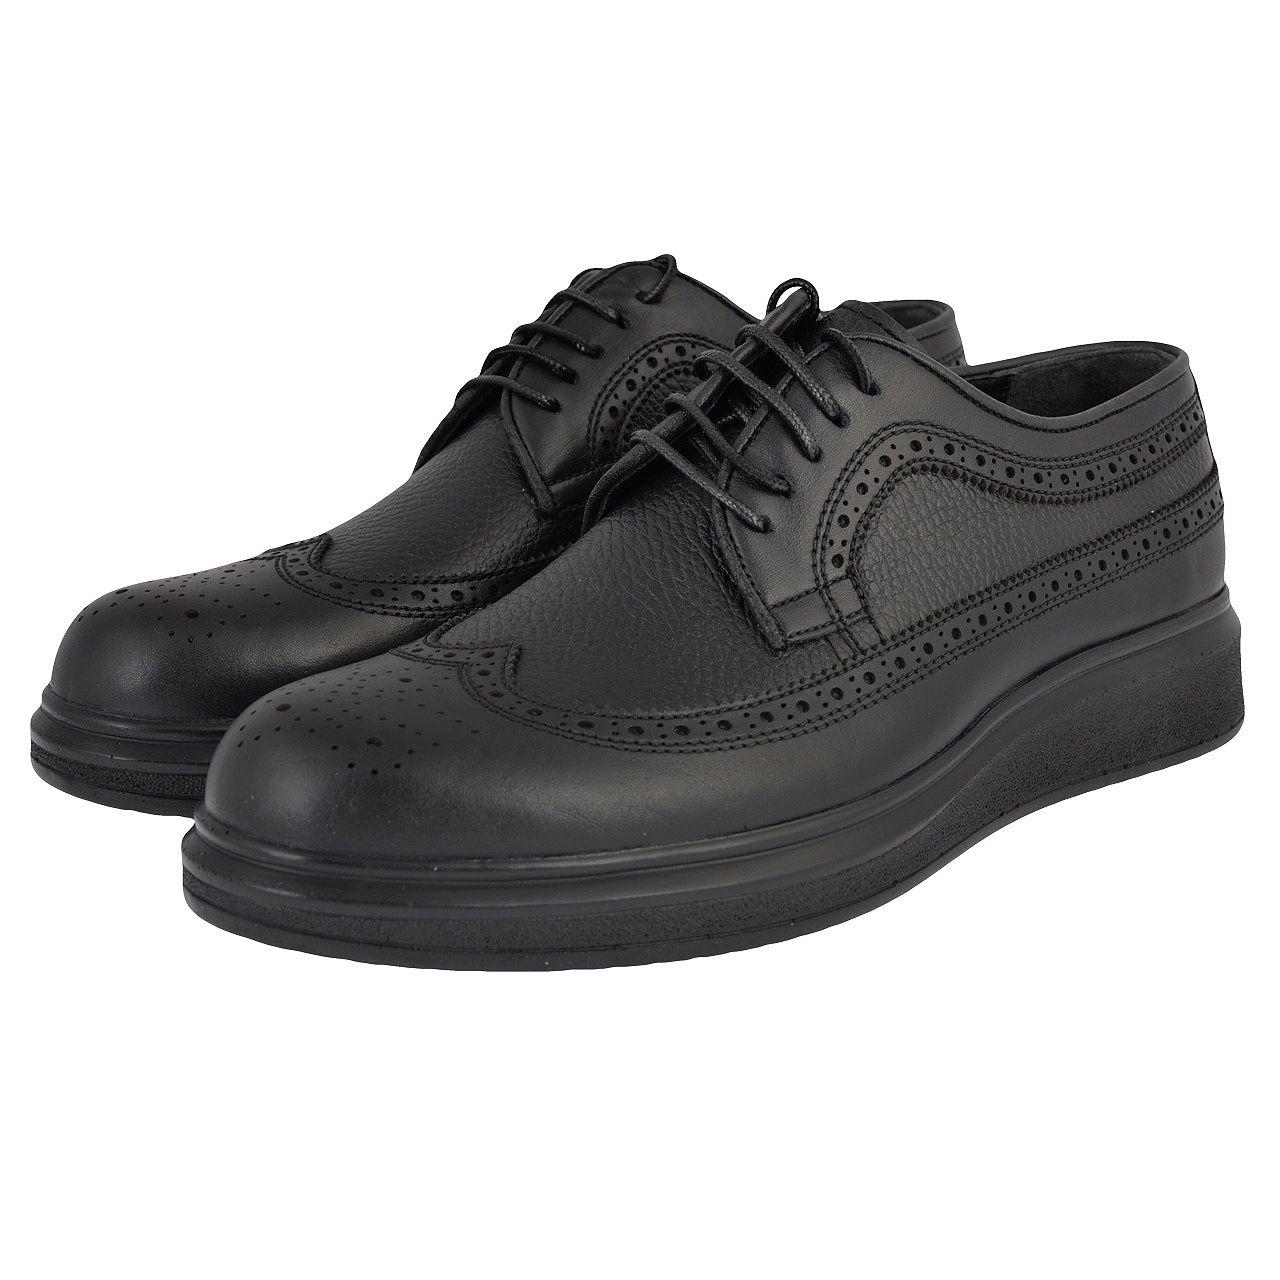 کفش روزمره مردانه کد 324006802 -  - 4